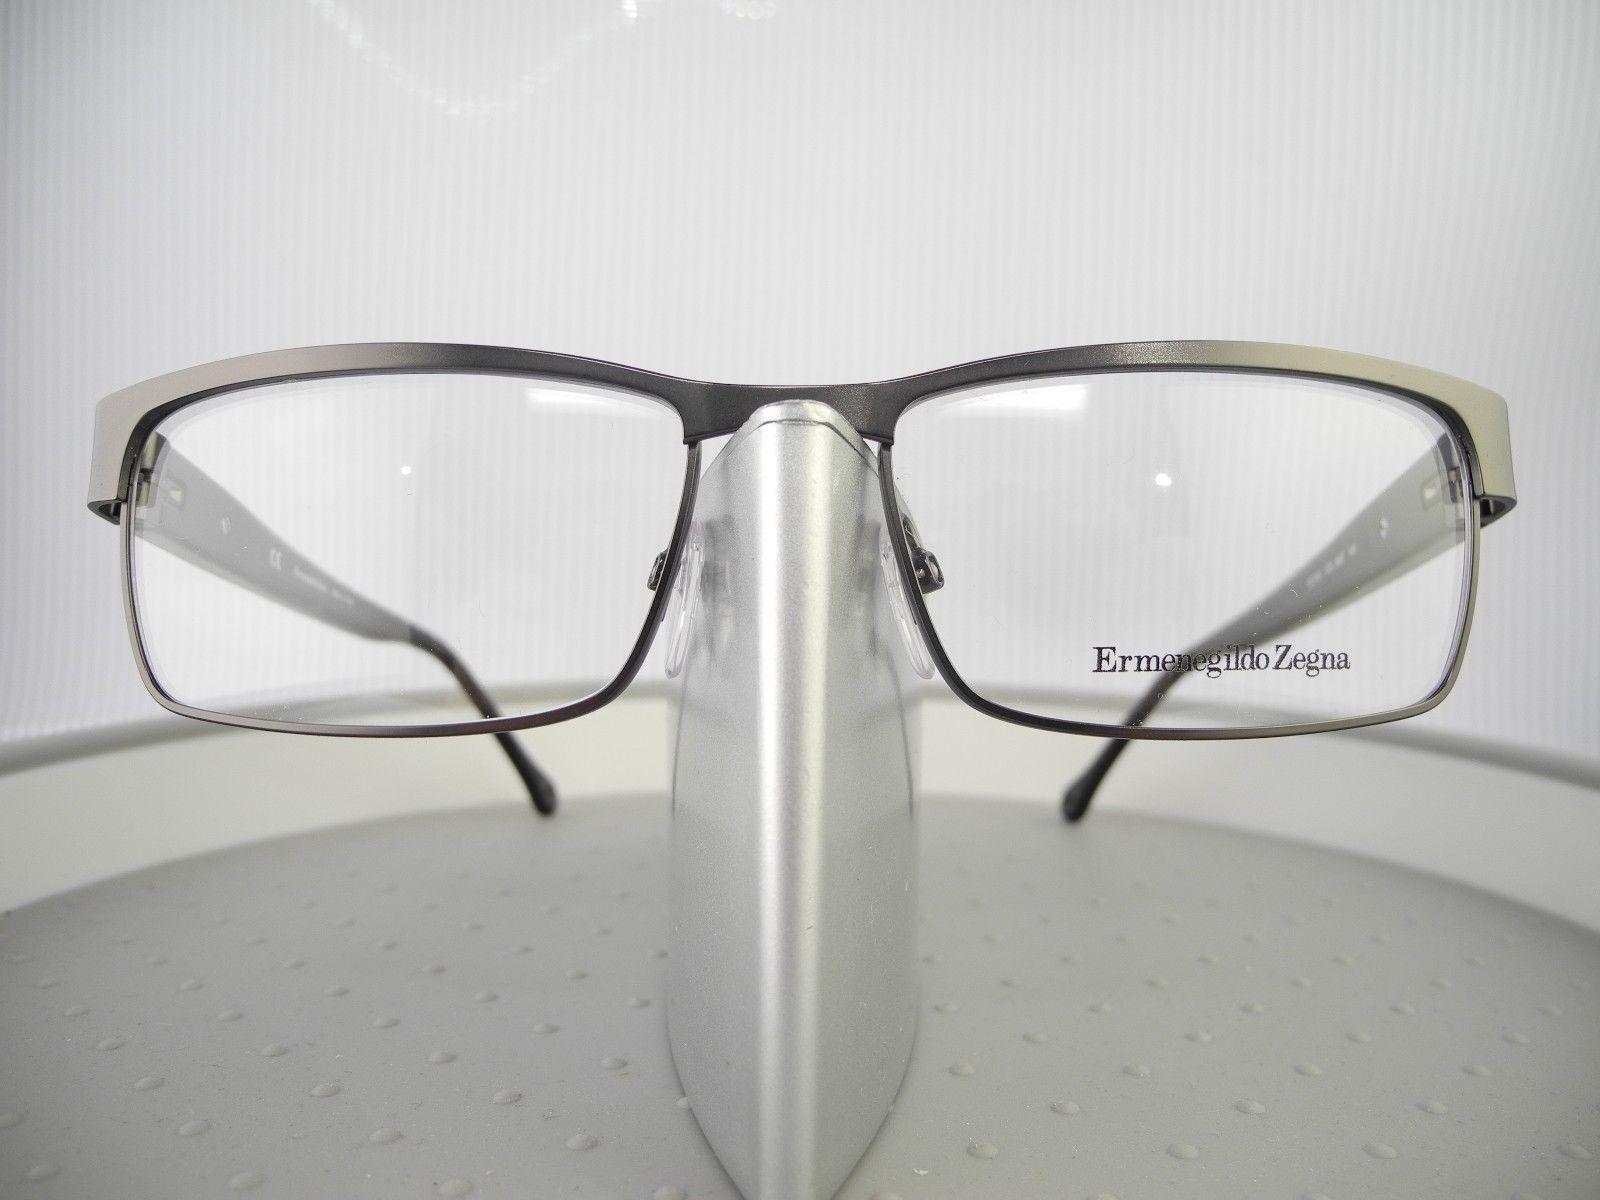 a1d5ae570bc C. C. Previous. New Authentic VZ3181 0627 Ermenegildo Zegna Gunmetal Eyeglass  Frame ...